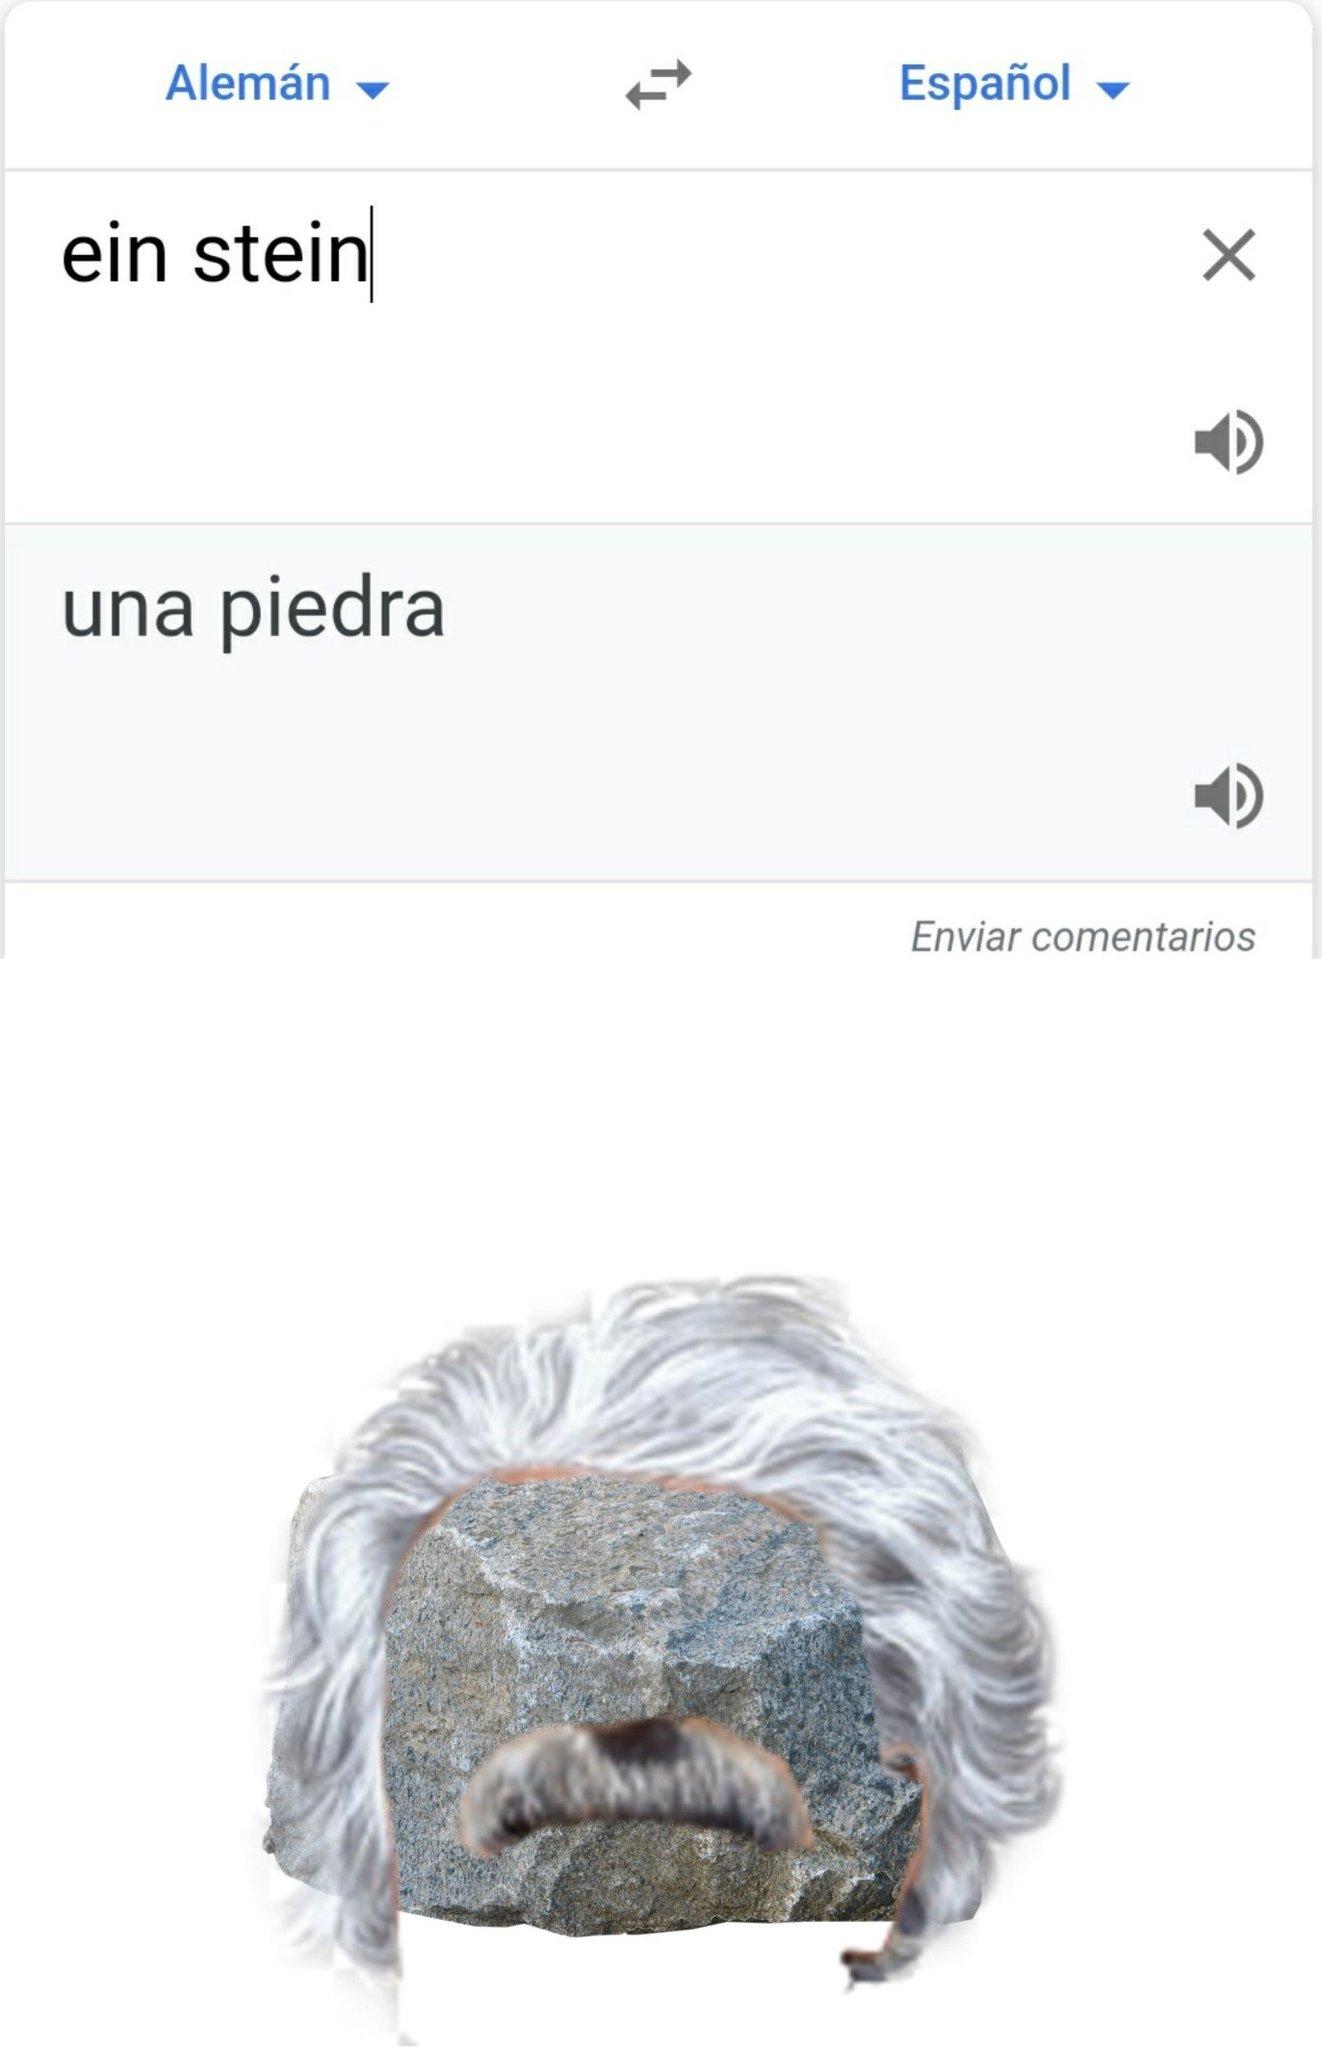 Alberto Unapiedra fue un gran fisico - meme